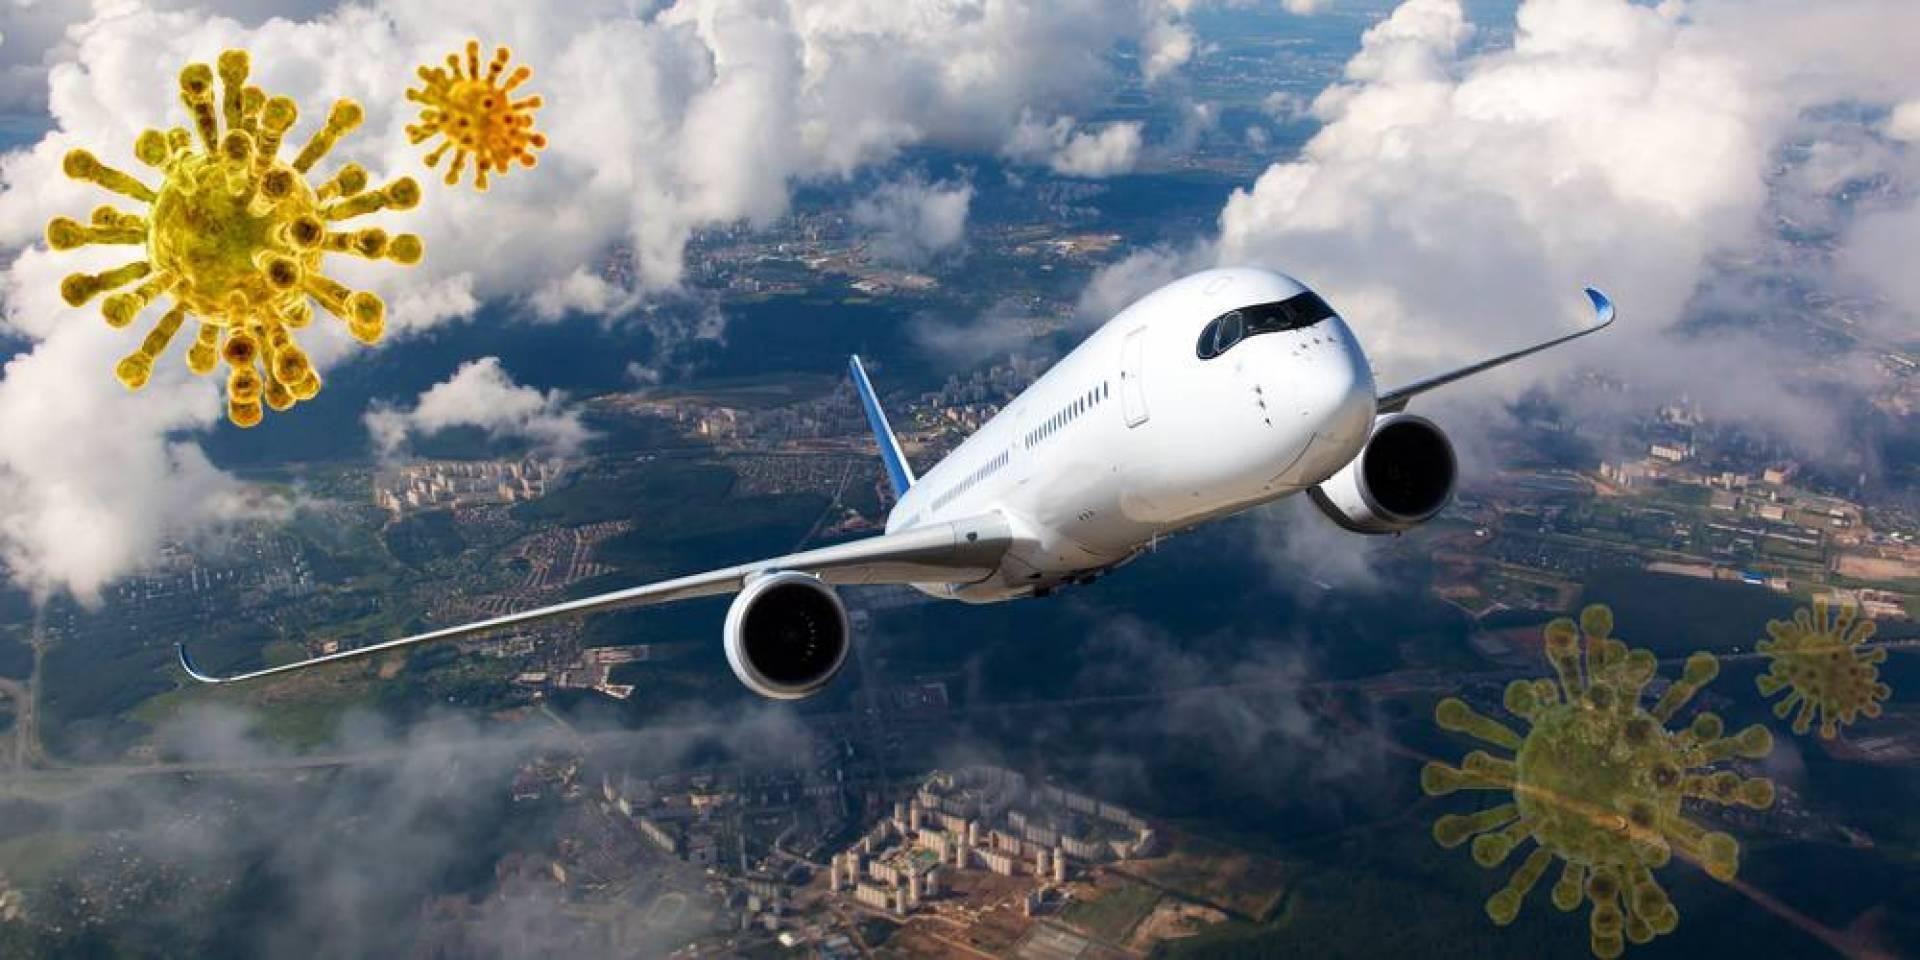 «اياتا»: الحجر الصحي المرتبط بكورونا يعرقل استئناف الطيران